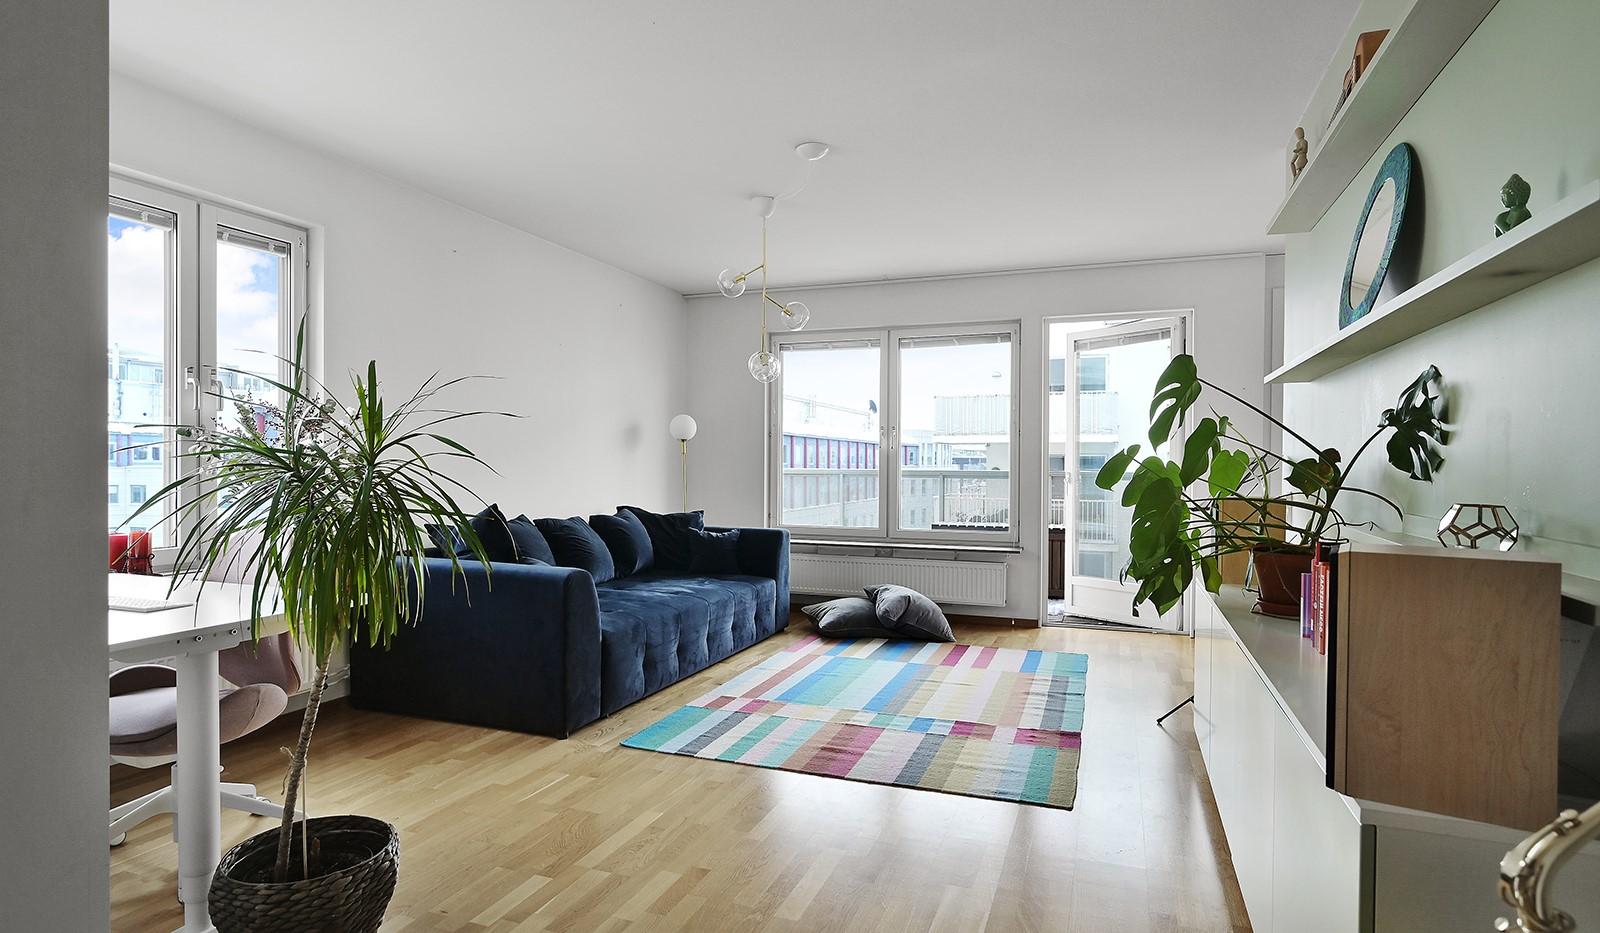 Marieviksgatan 38, 6 tr - Ljust och rymligt vardagsrum